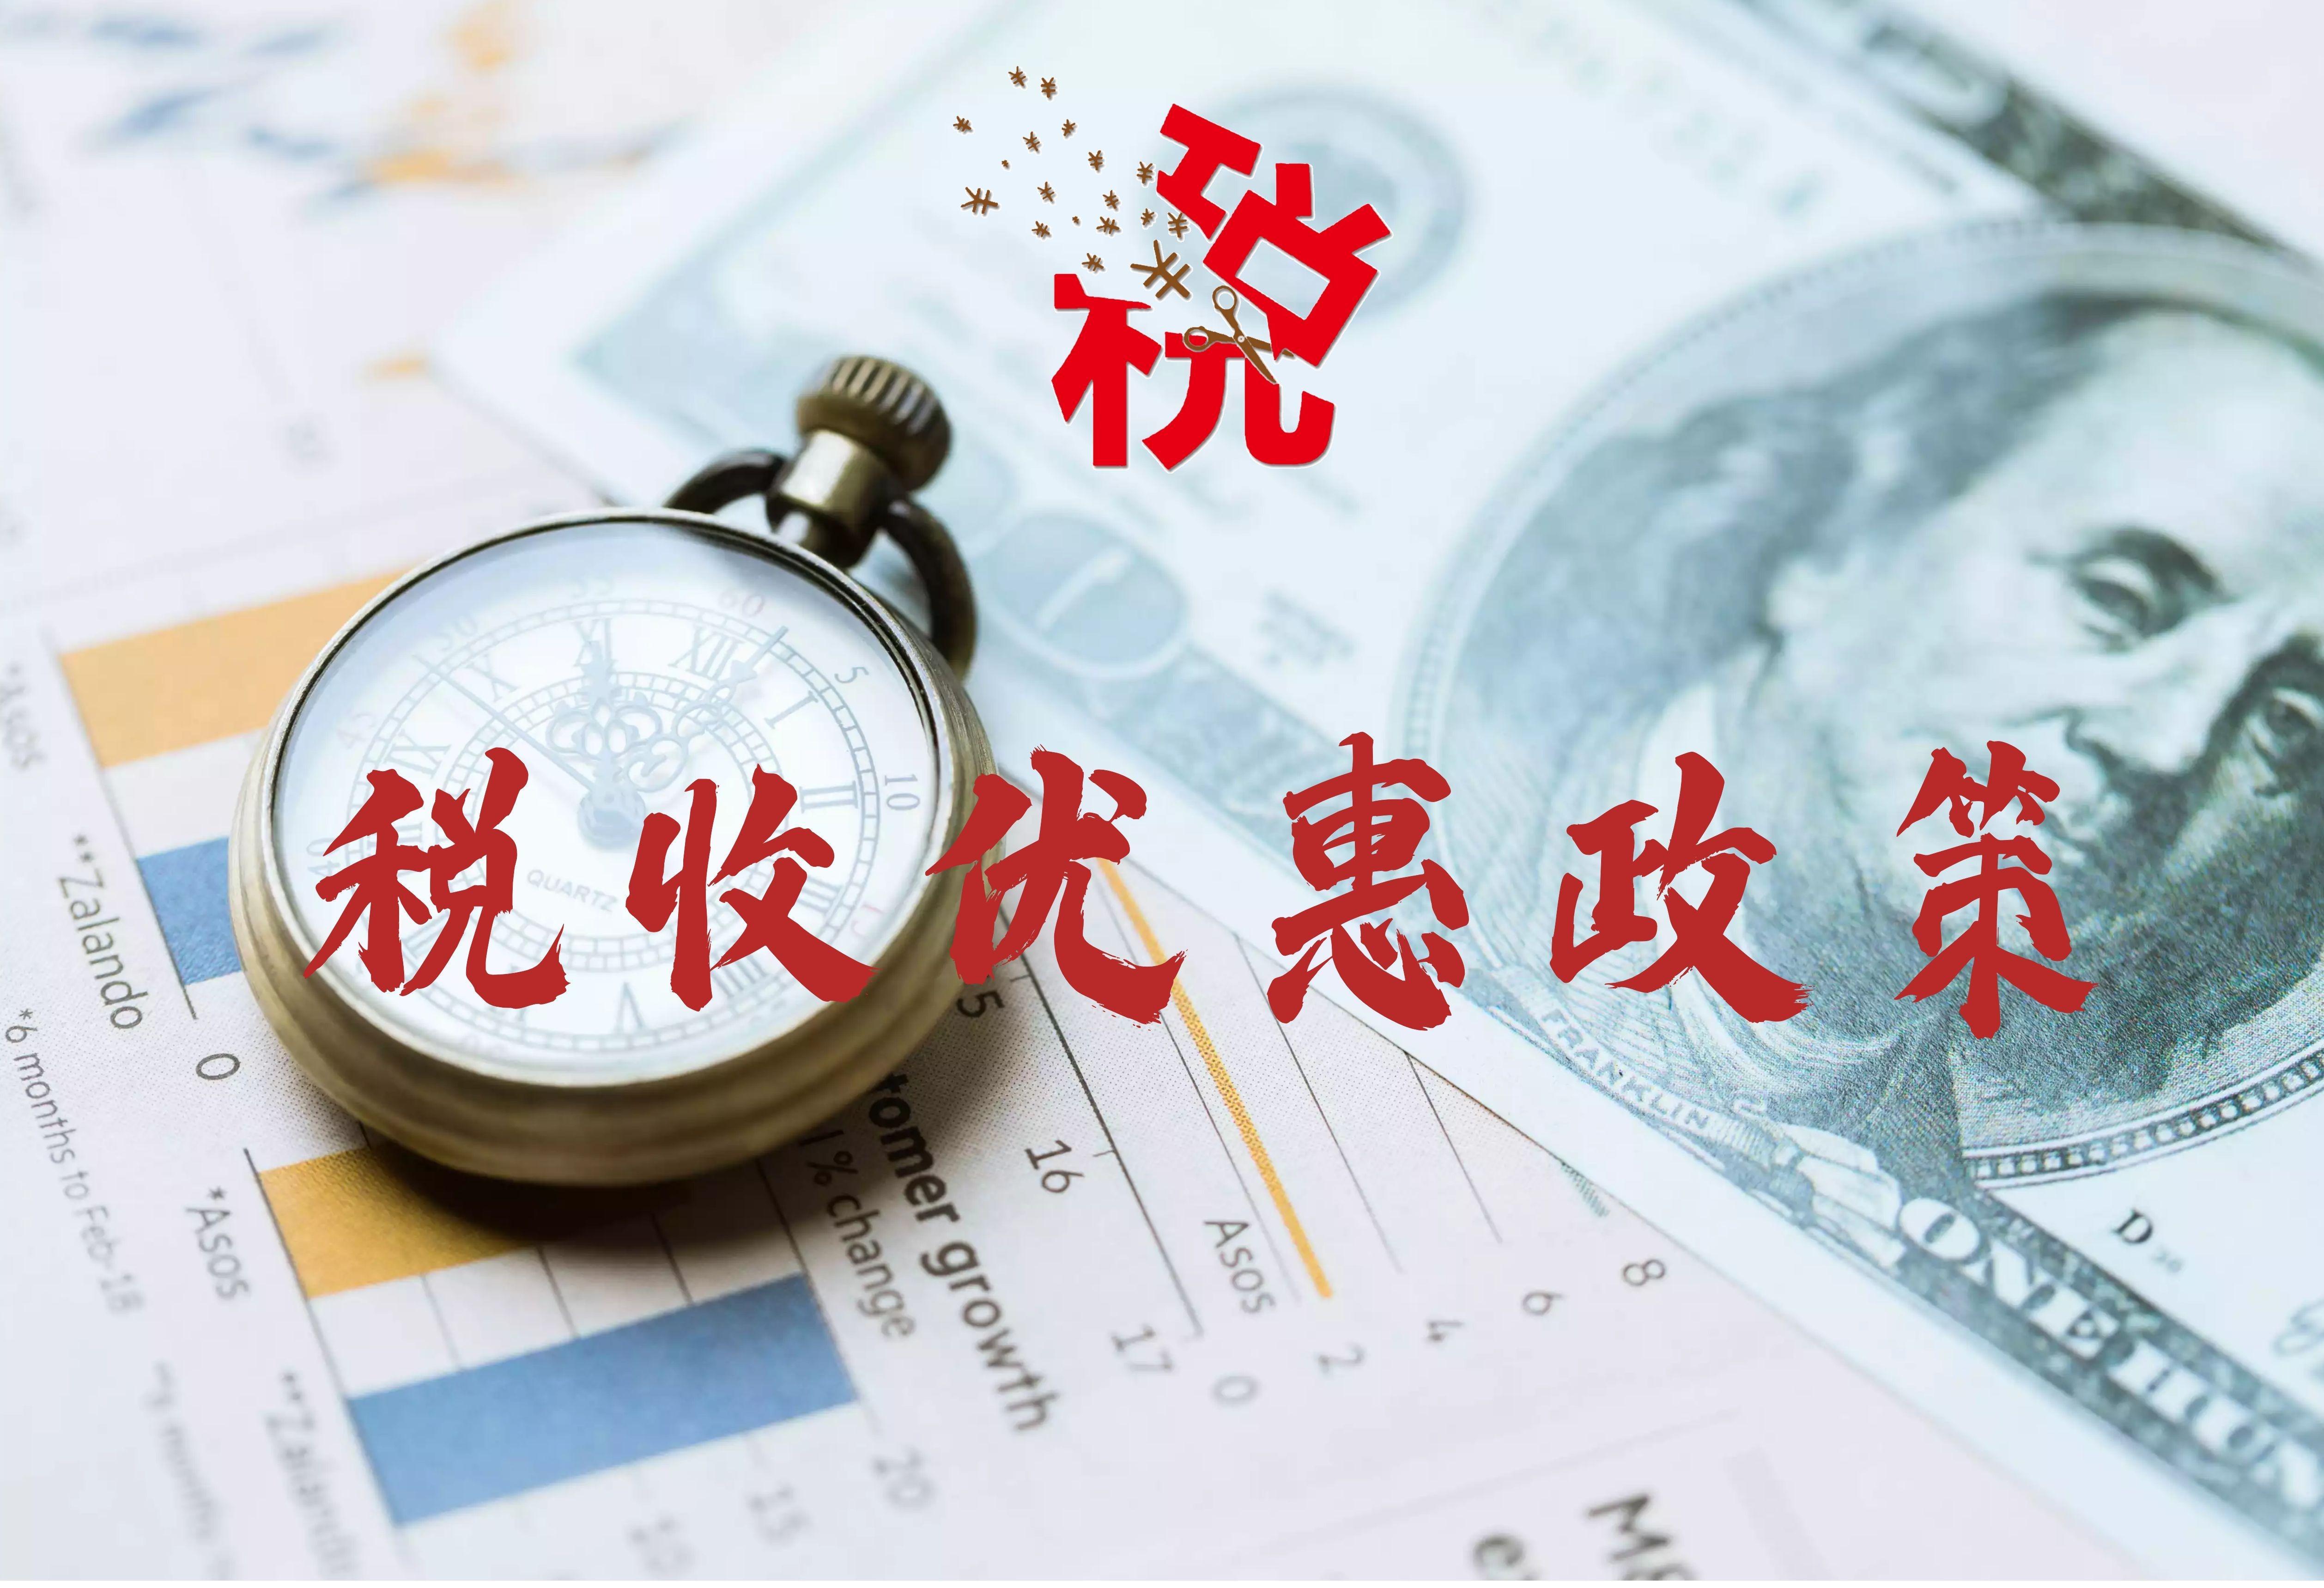 2021宁波保税区税收优惠:这几个利好值得掌握